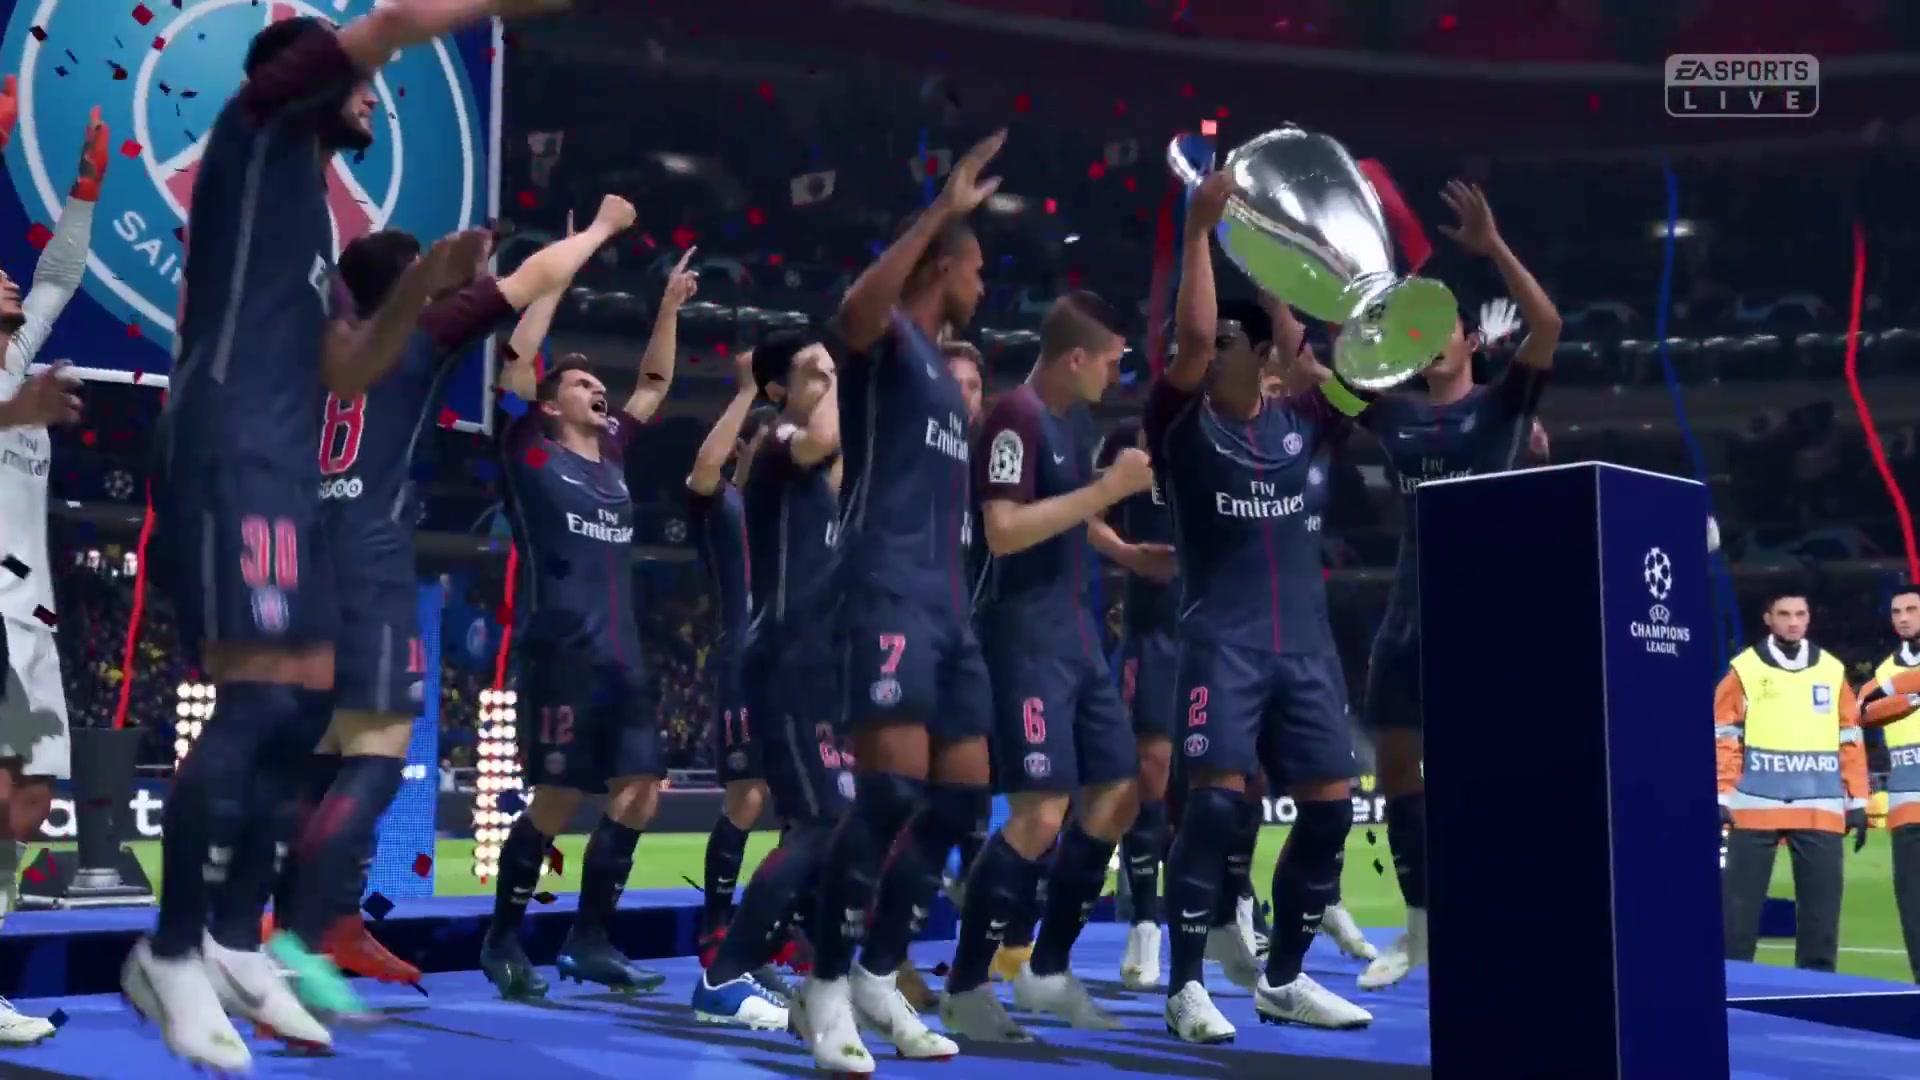 大巴黎对阵蓝月亮《FIFA 19》欧冠联赛模拟决赛演示